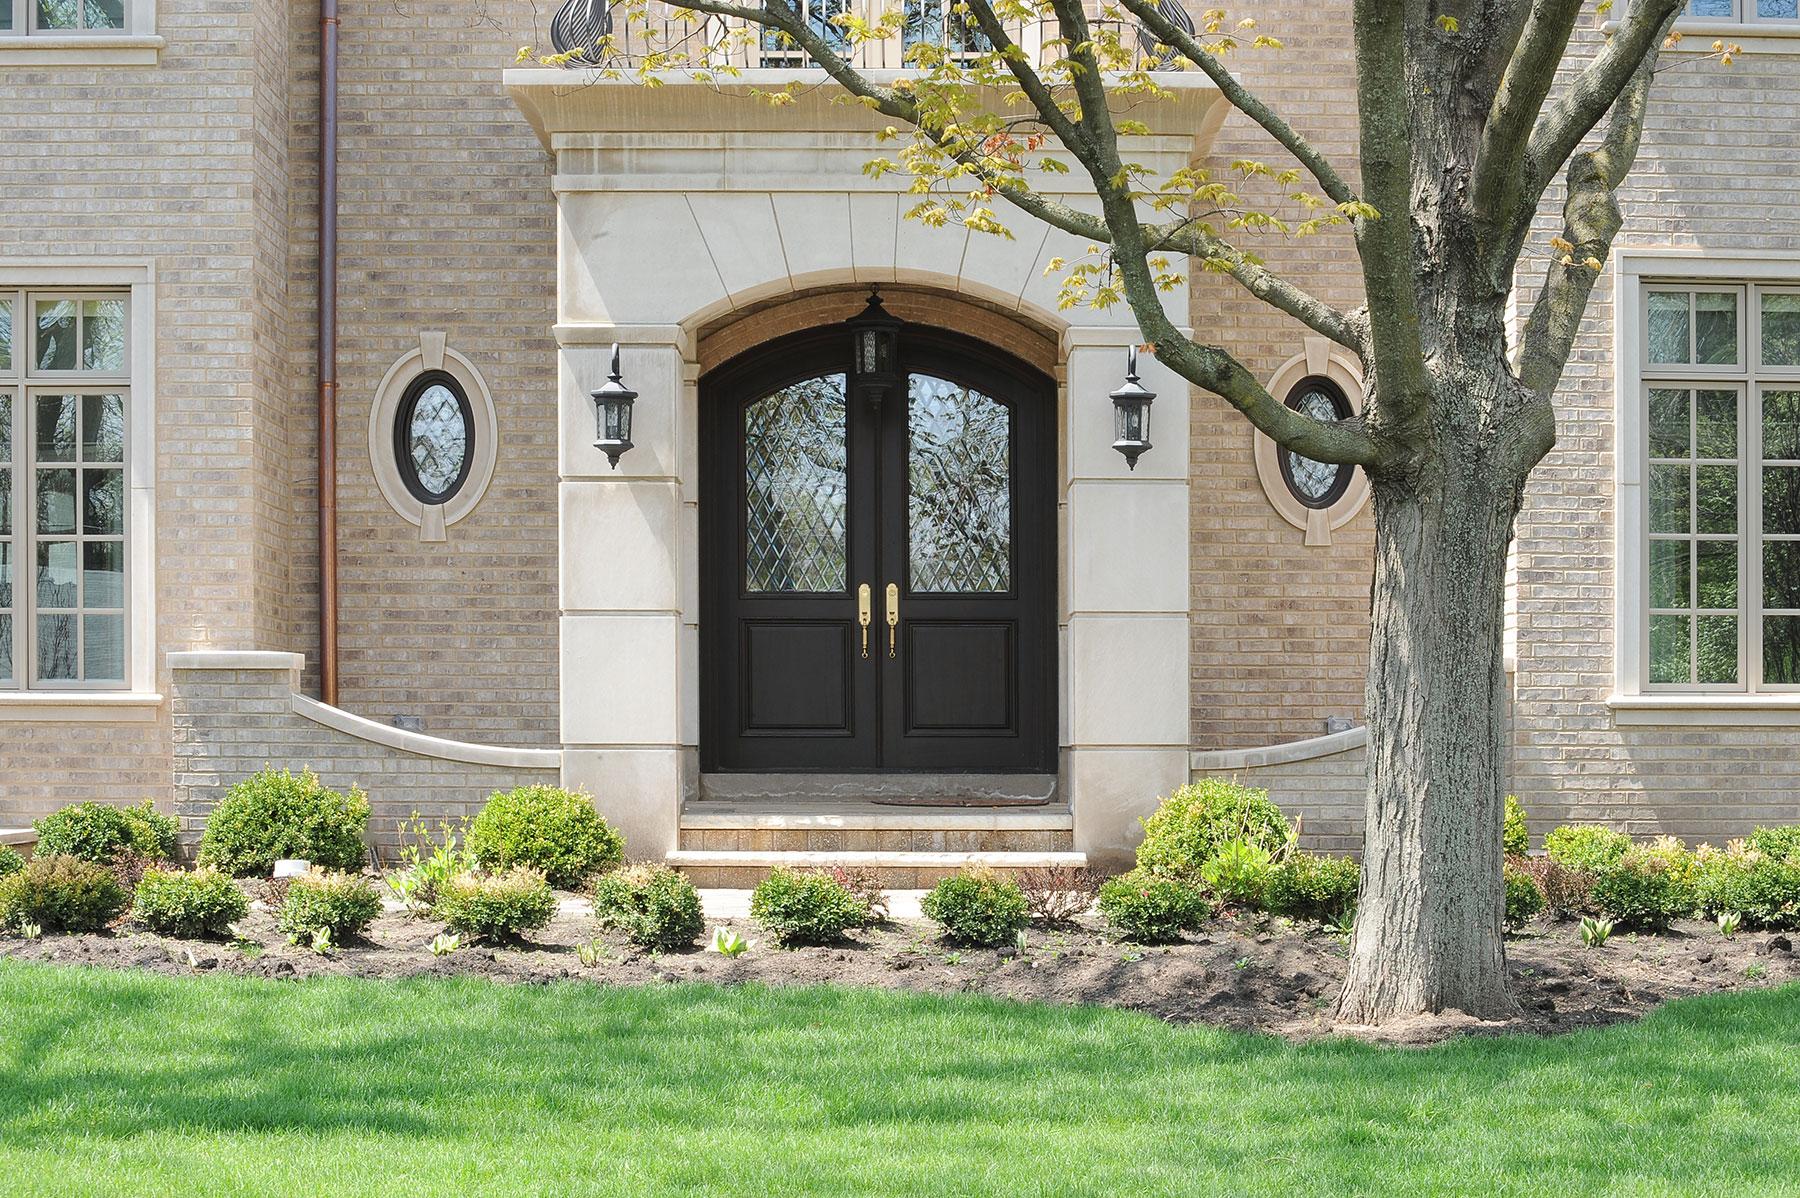 Custom Wood Front Entry Doors | arched top double doors, solid mahogany wood  - Glenview Doors - Custom Doors in Chicago